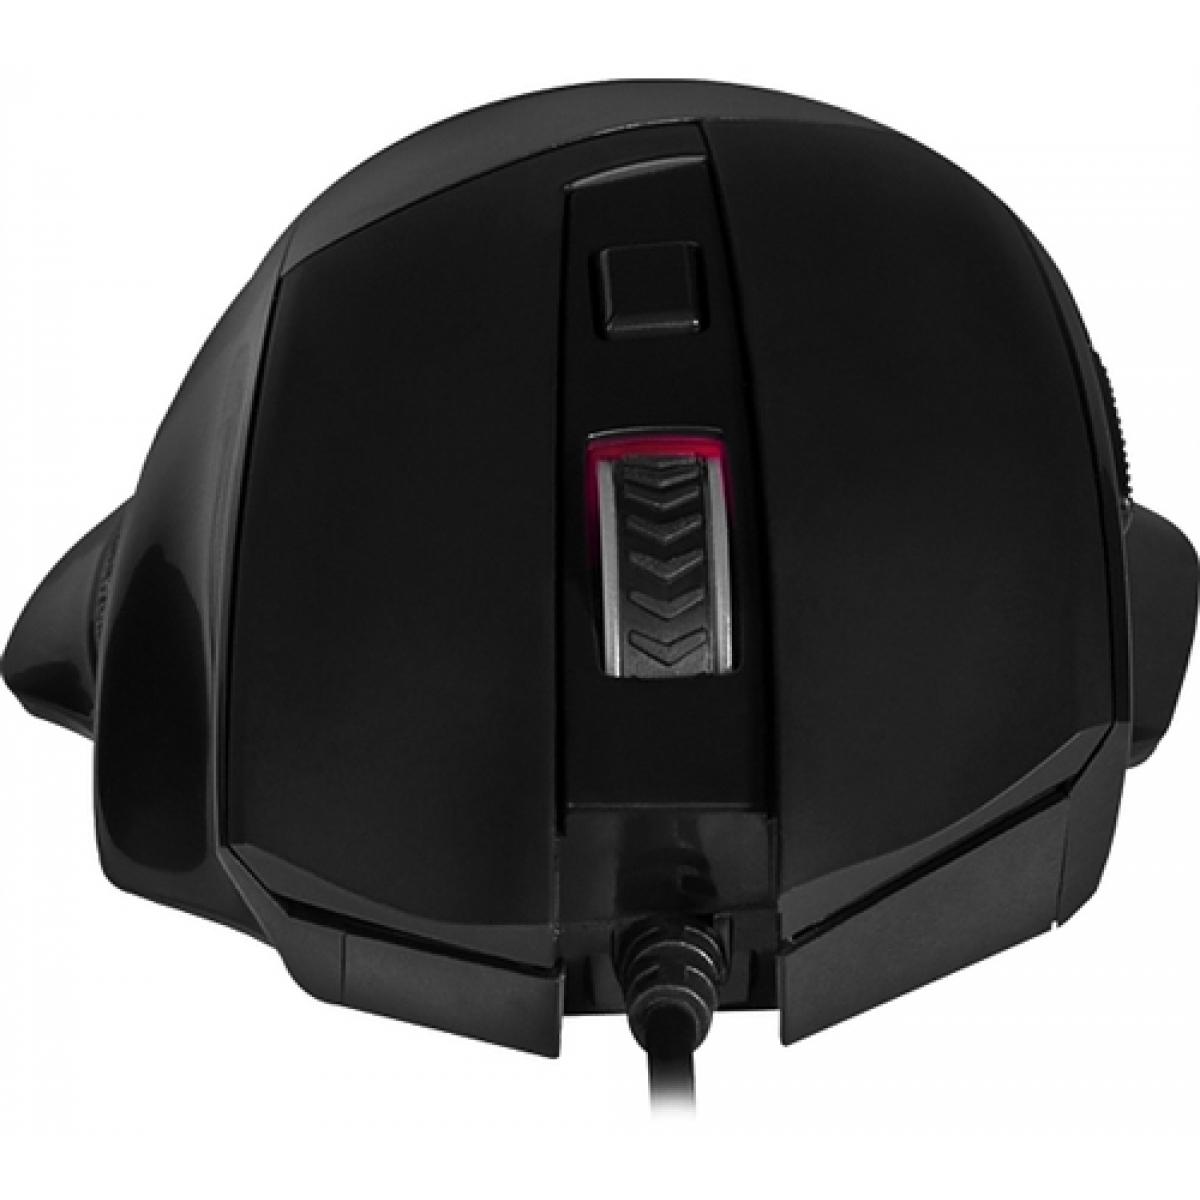 Mouse Gamer Redragon Phaser M609 RGB, 3200 DPI, 6 Botões, Black